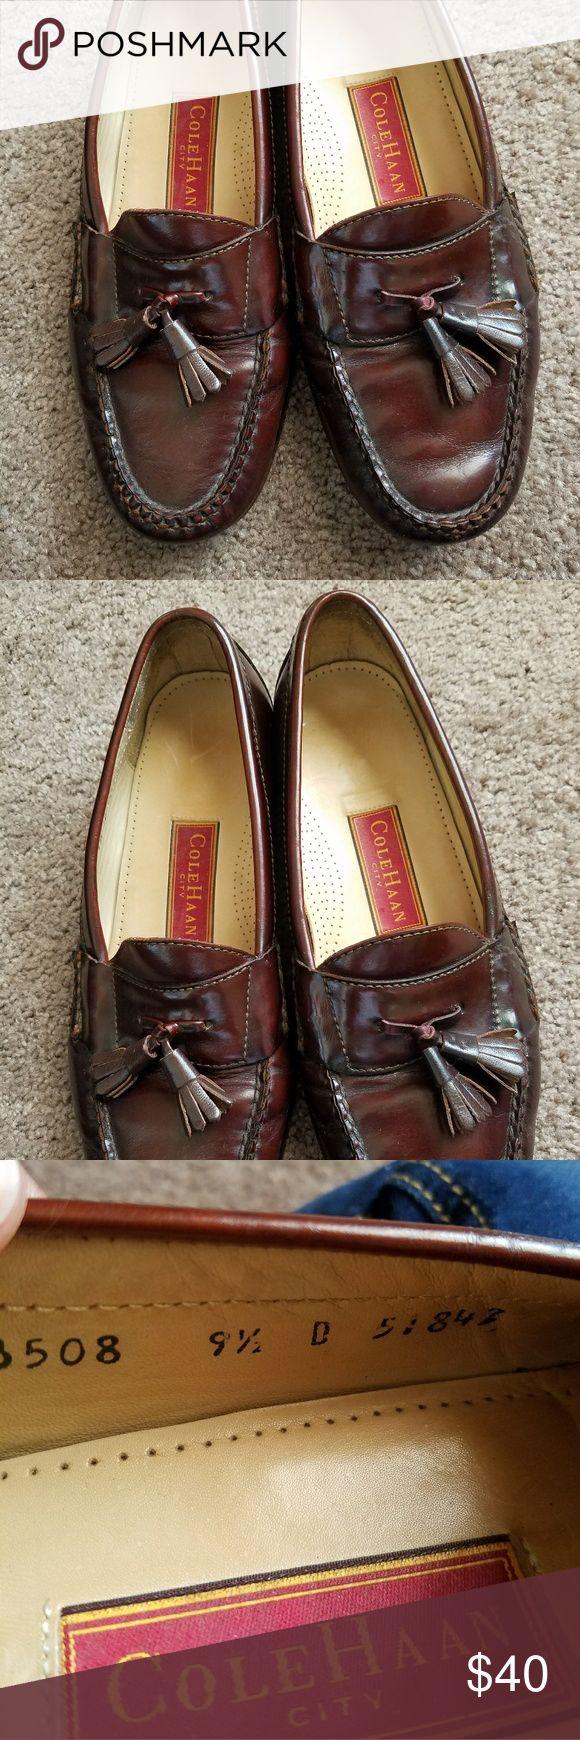 Cole Haan City men's loafers Cole Haan City men's loafers Cole Haan Shoes Loafers & Slip-Ons